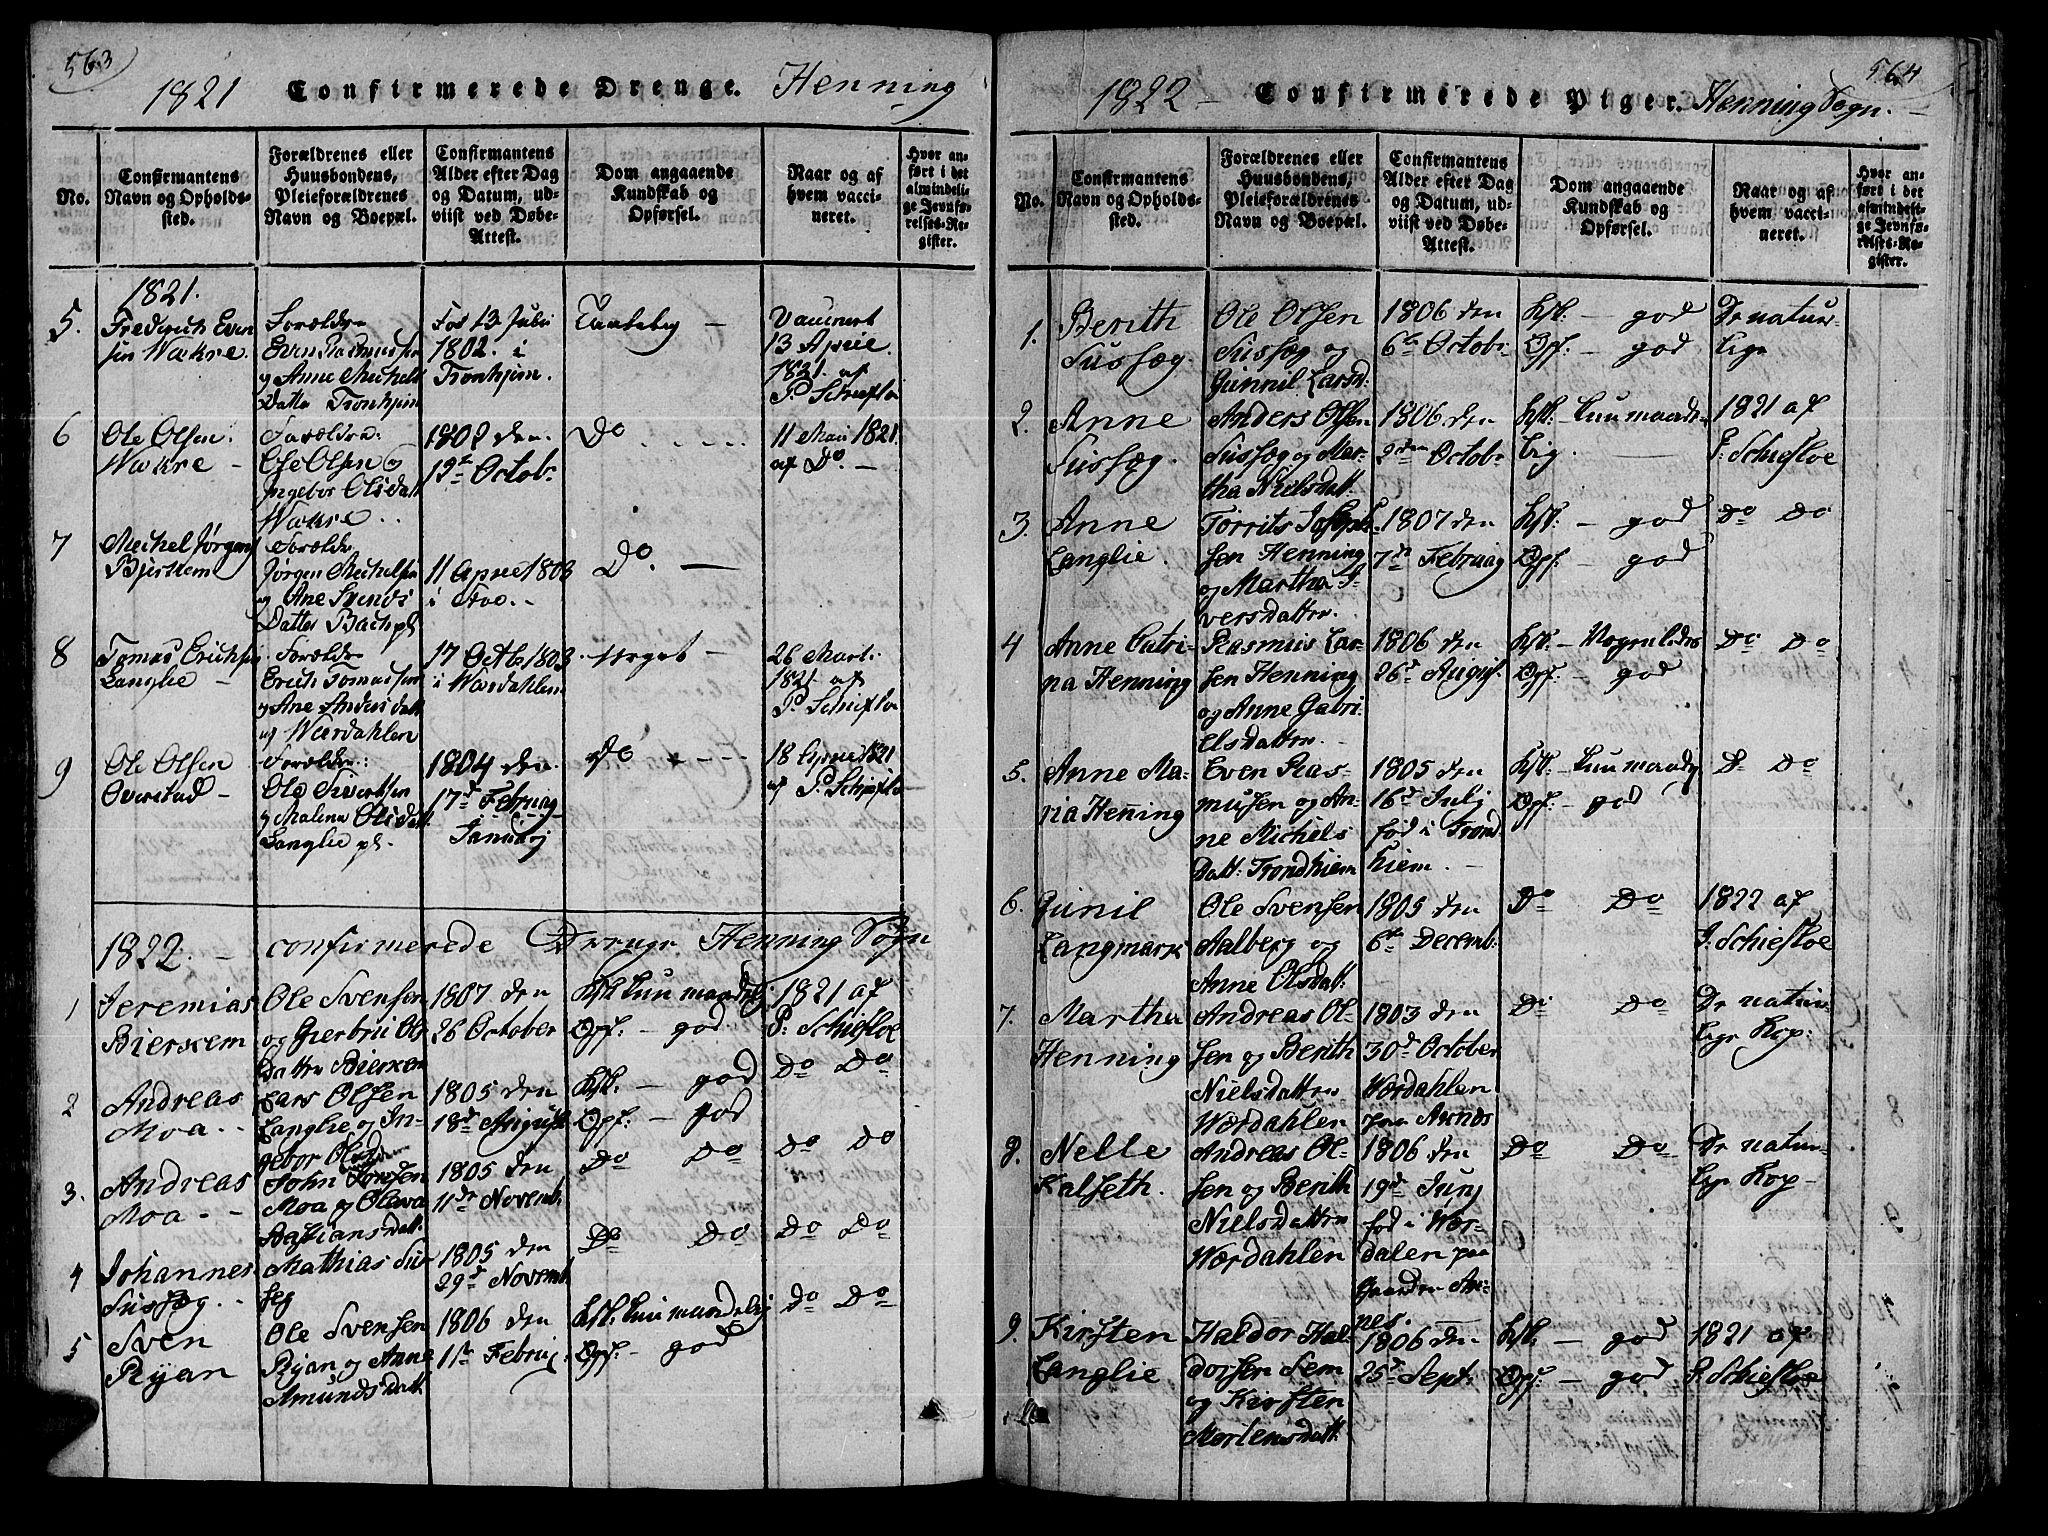 SAT, Ministerialprotokoller, klokkerbøker og fødselsregistre - Nord-Trøndelag, 735/L0333: Ministerialbok nr. 735A04 /3, 1816-1825, s. 563-564